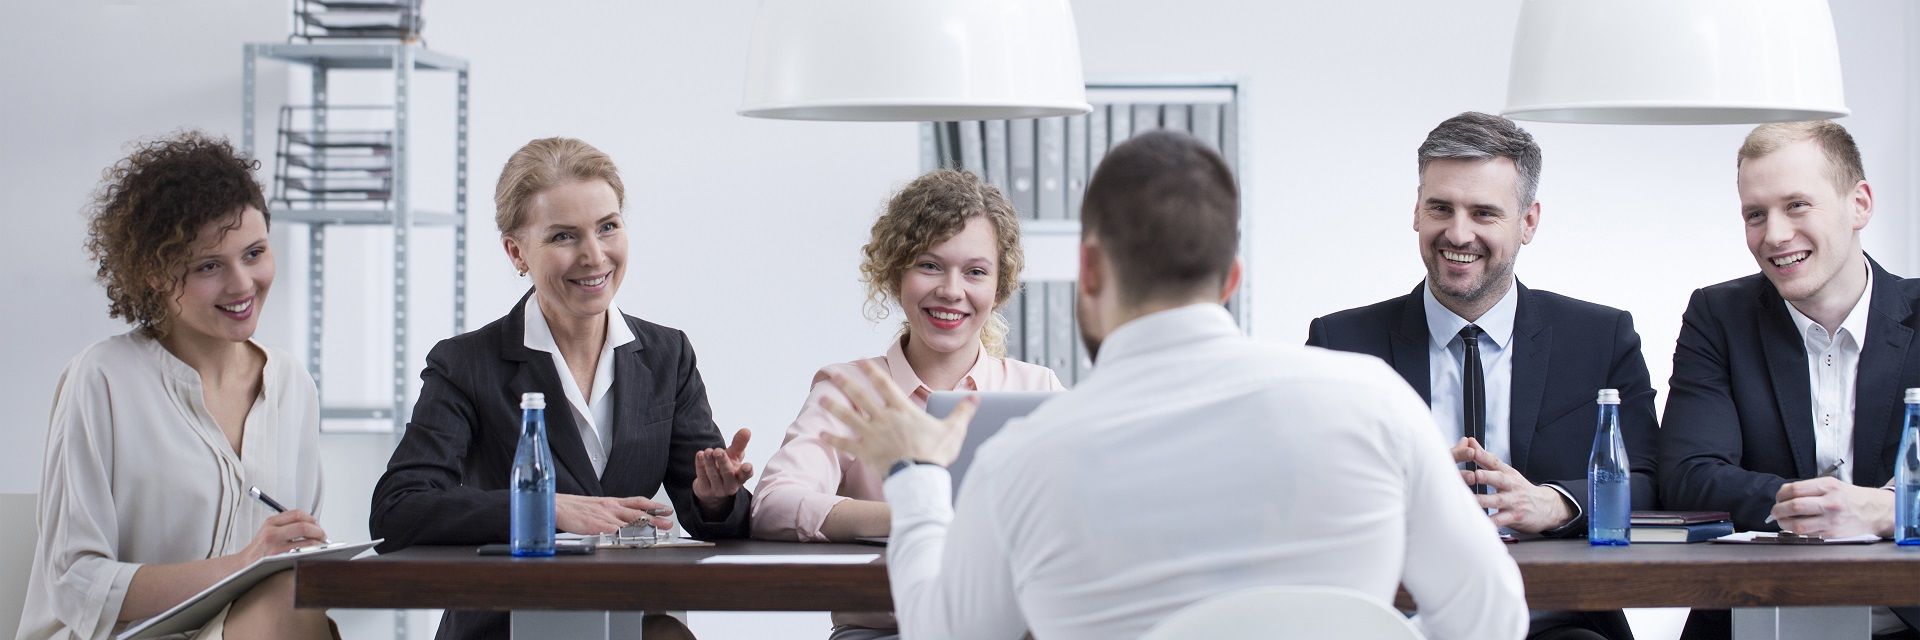 Wie hoch sind die Kosten bei einer Personalvermittlung in Deutschland